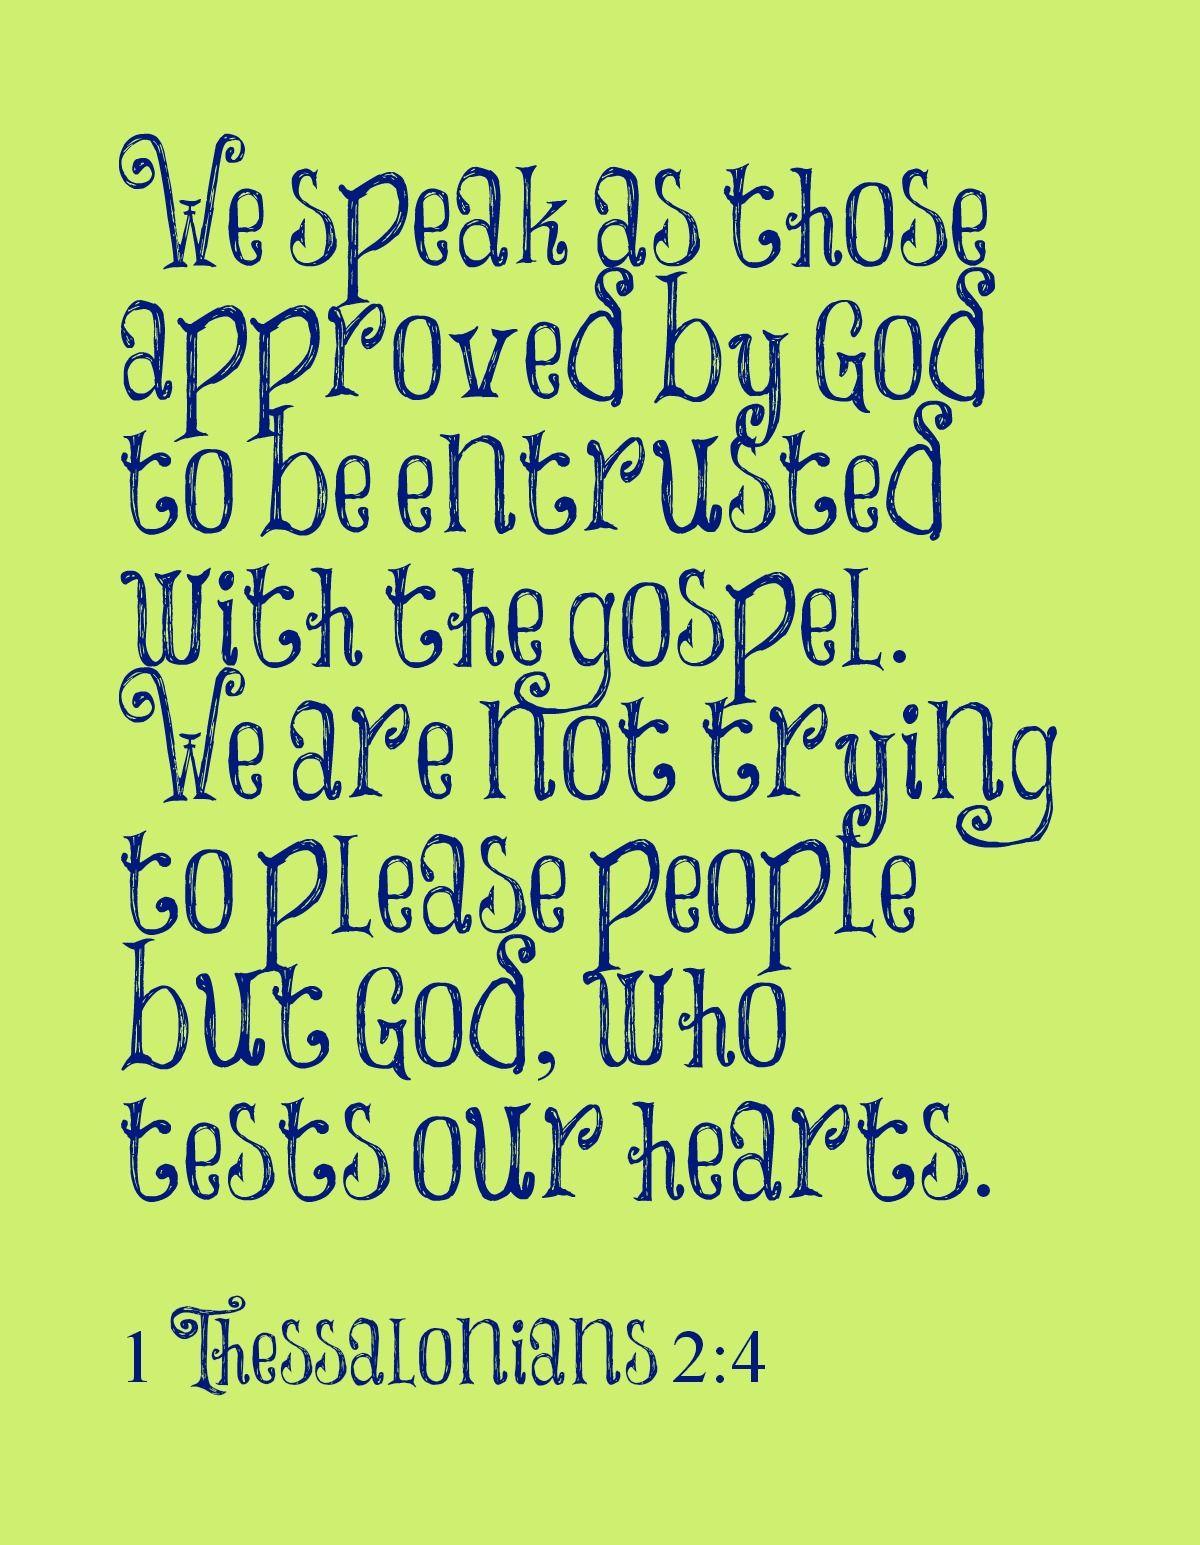 pelo contrário, como homens aprovados por Deus, a ponto de nos ter sido confiado por ele o evangelho, não falamos para agradar a pessoas, mas a Deus, que prova os nossos corações. 1 Tessalonicenses 2:4